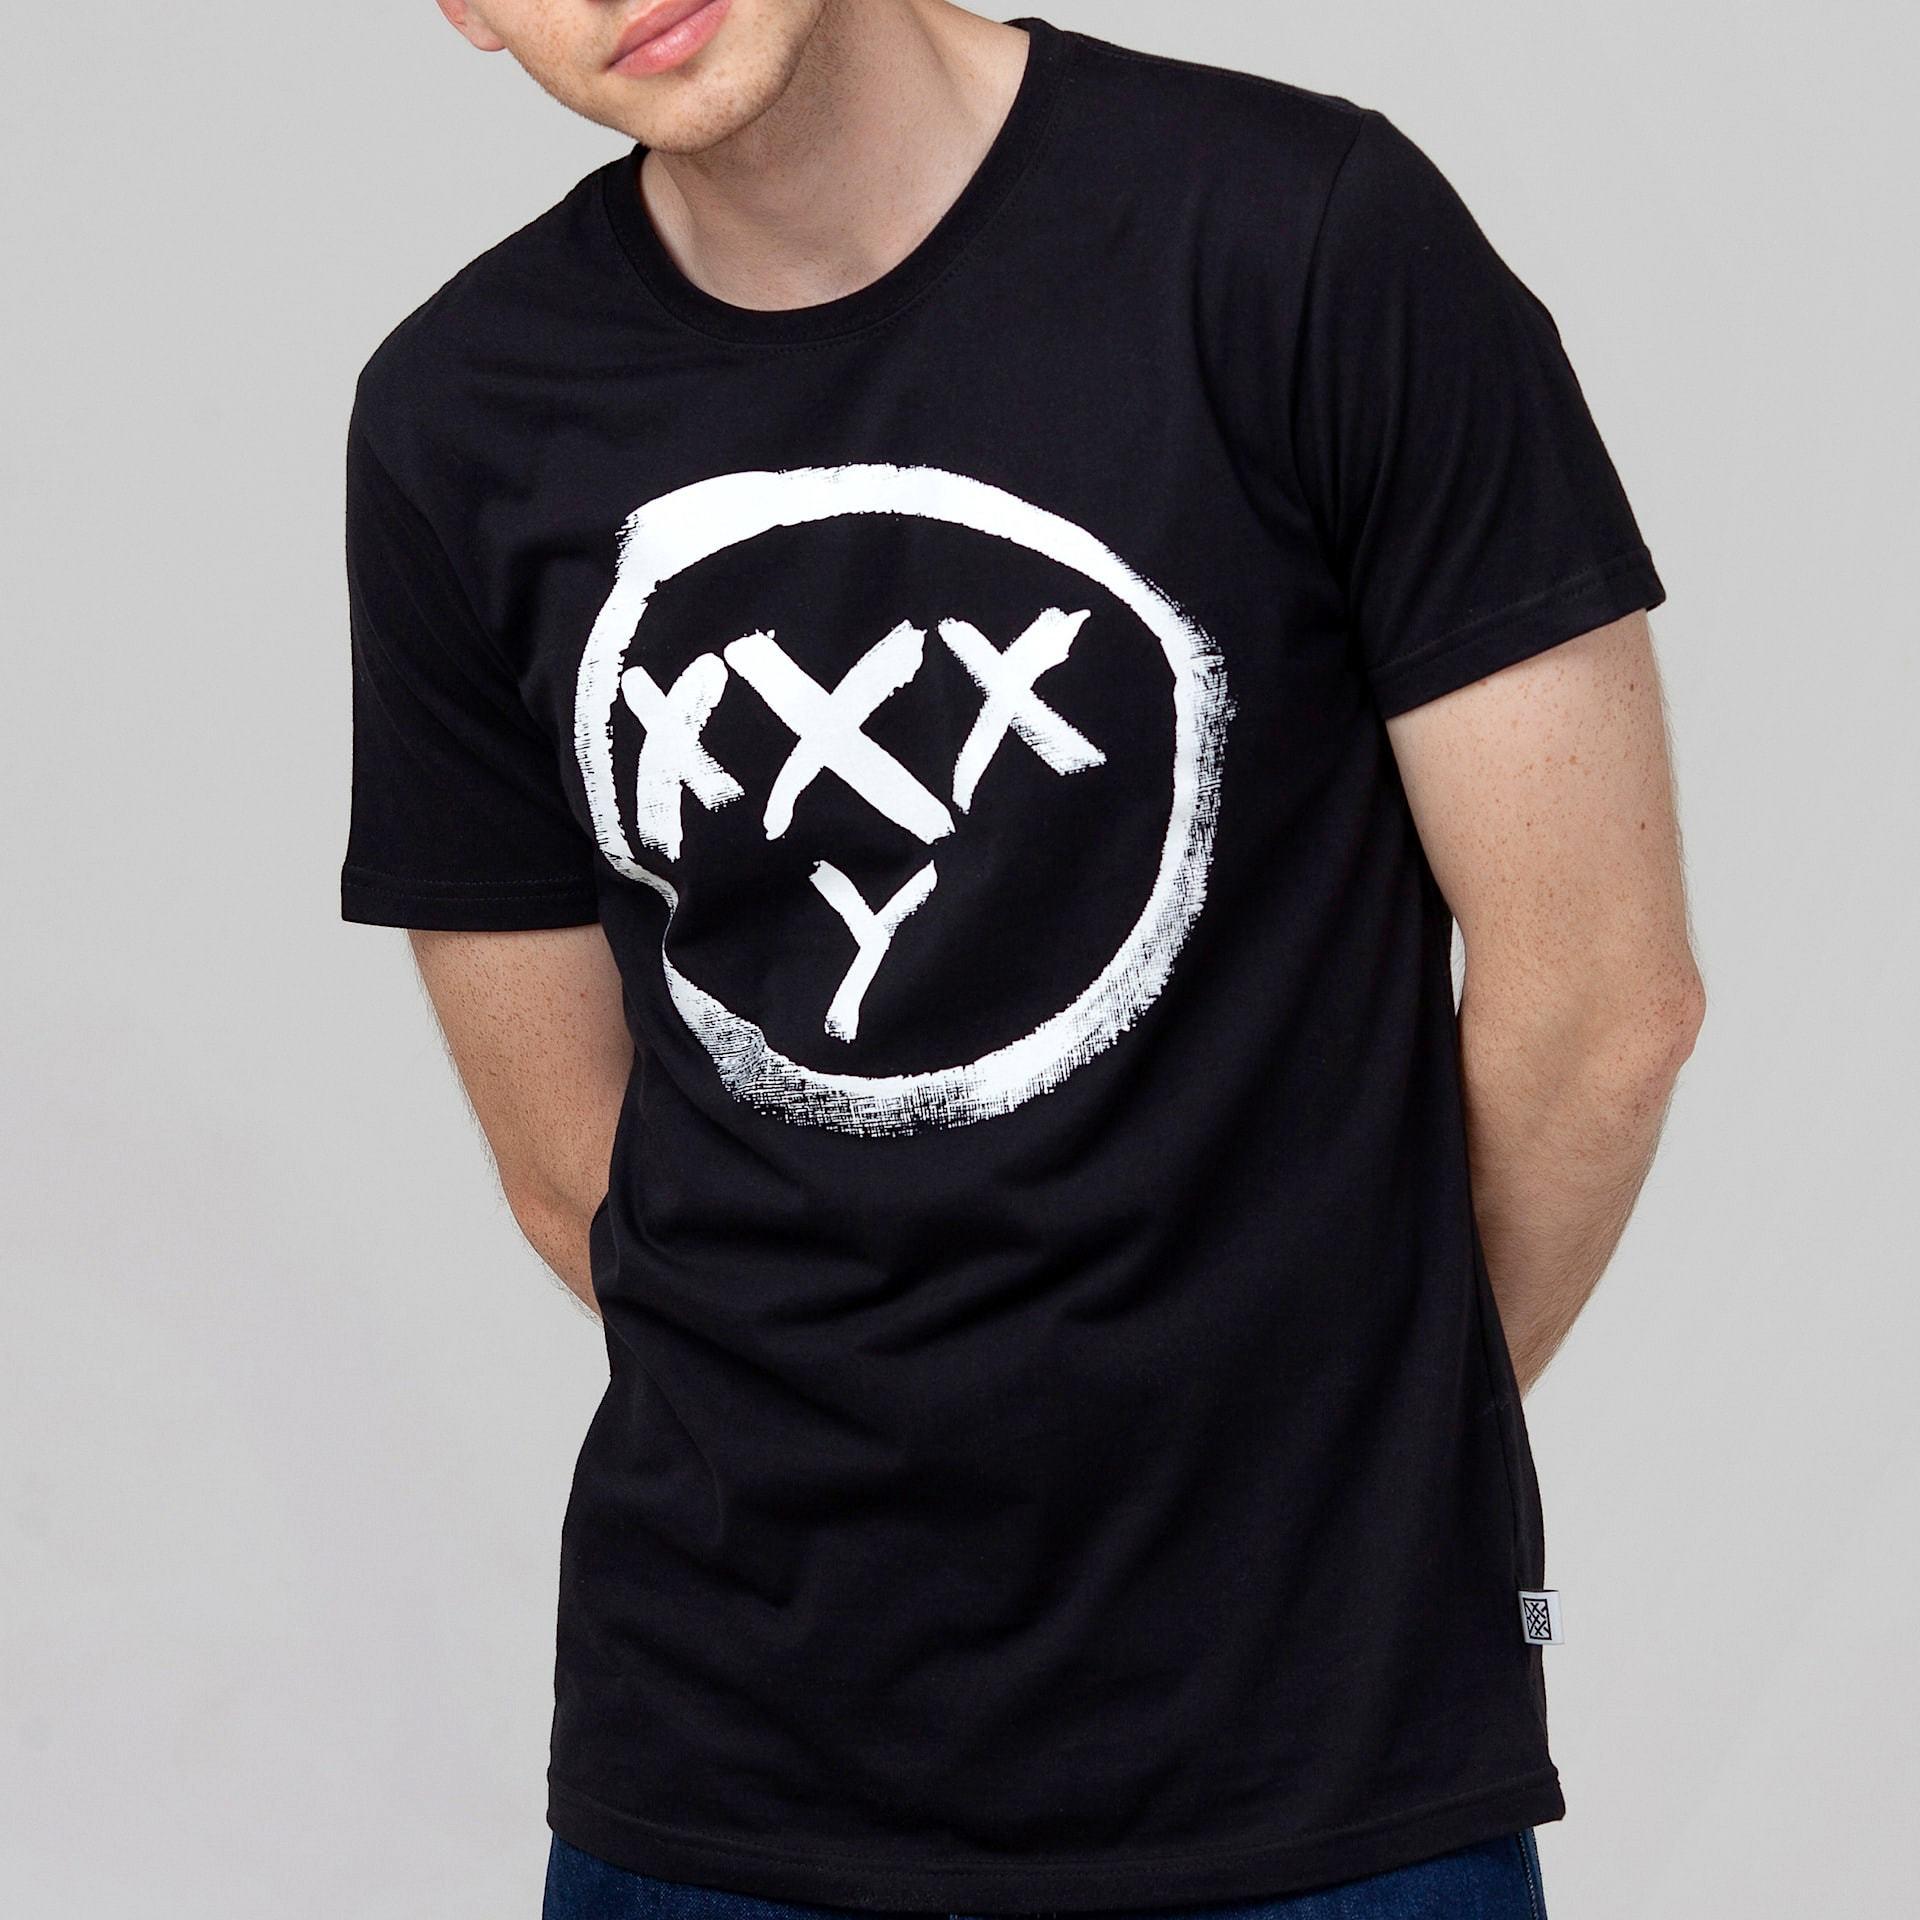 Футболка Oxxxy logo чёрная